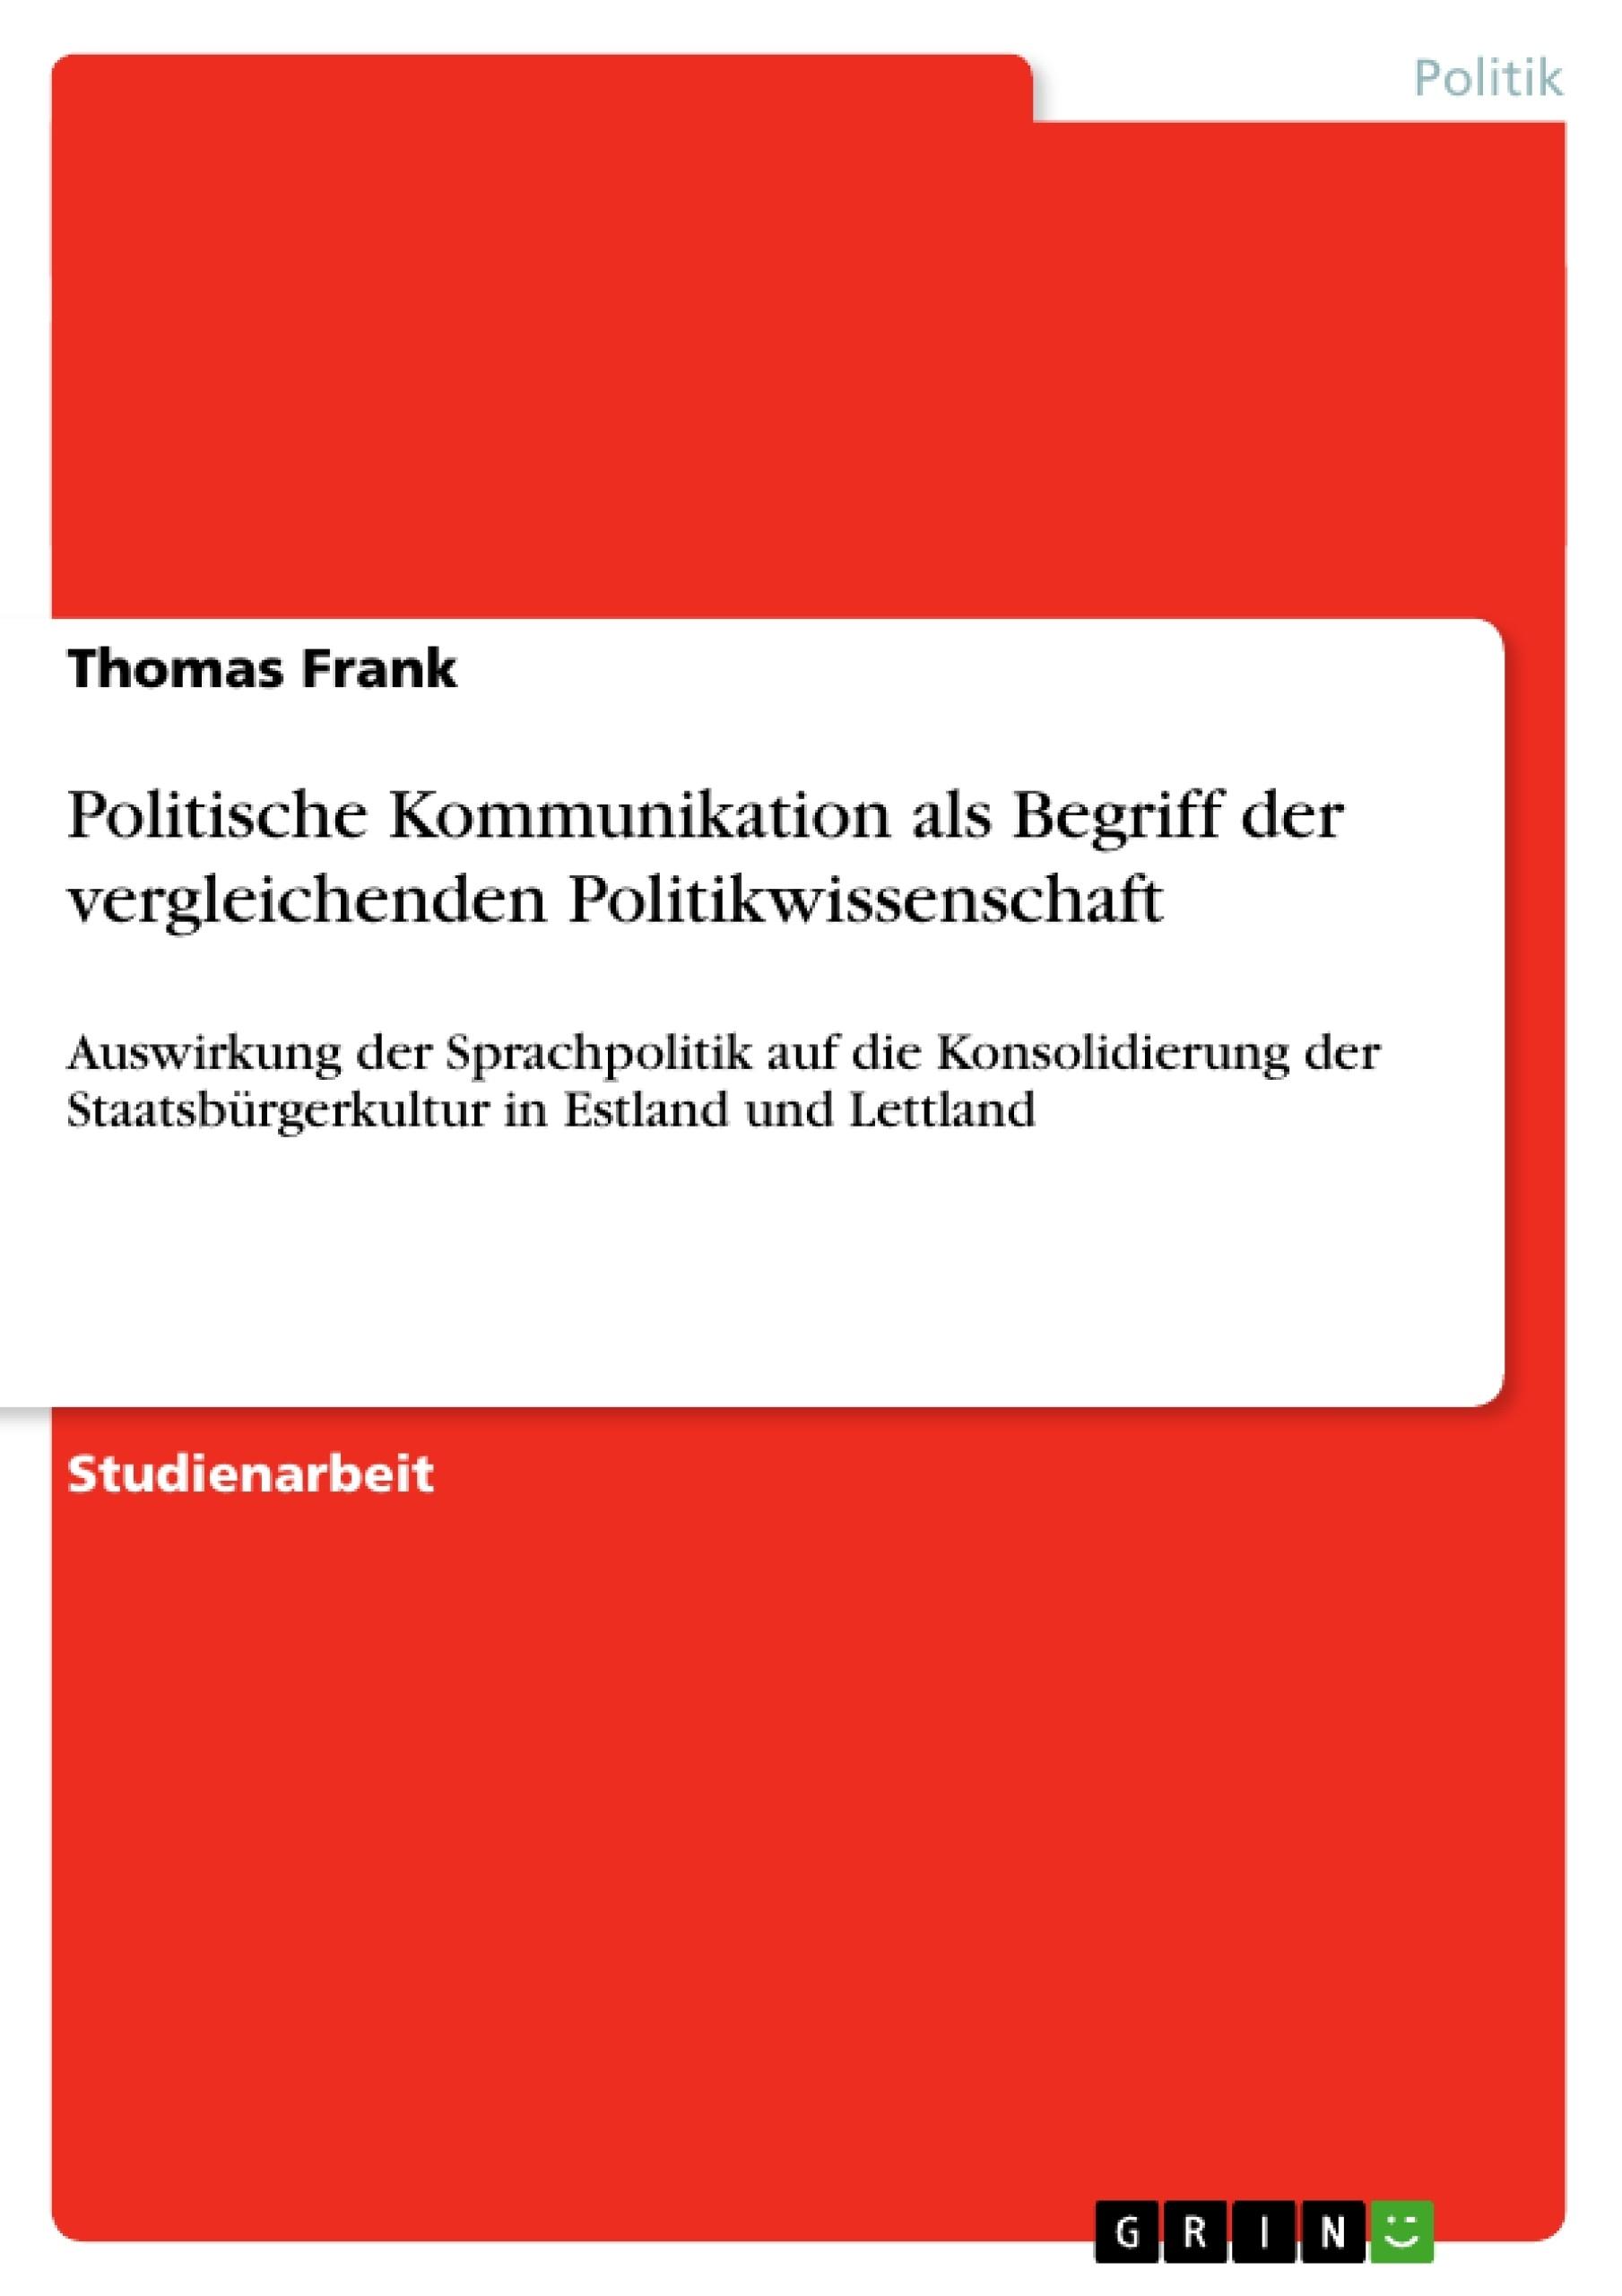 Titel: Politische Kommunikation als Begriff der vergleichenden Politikwissenschaft